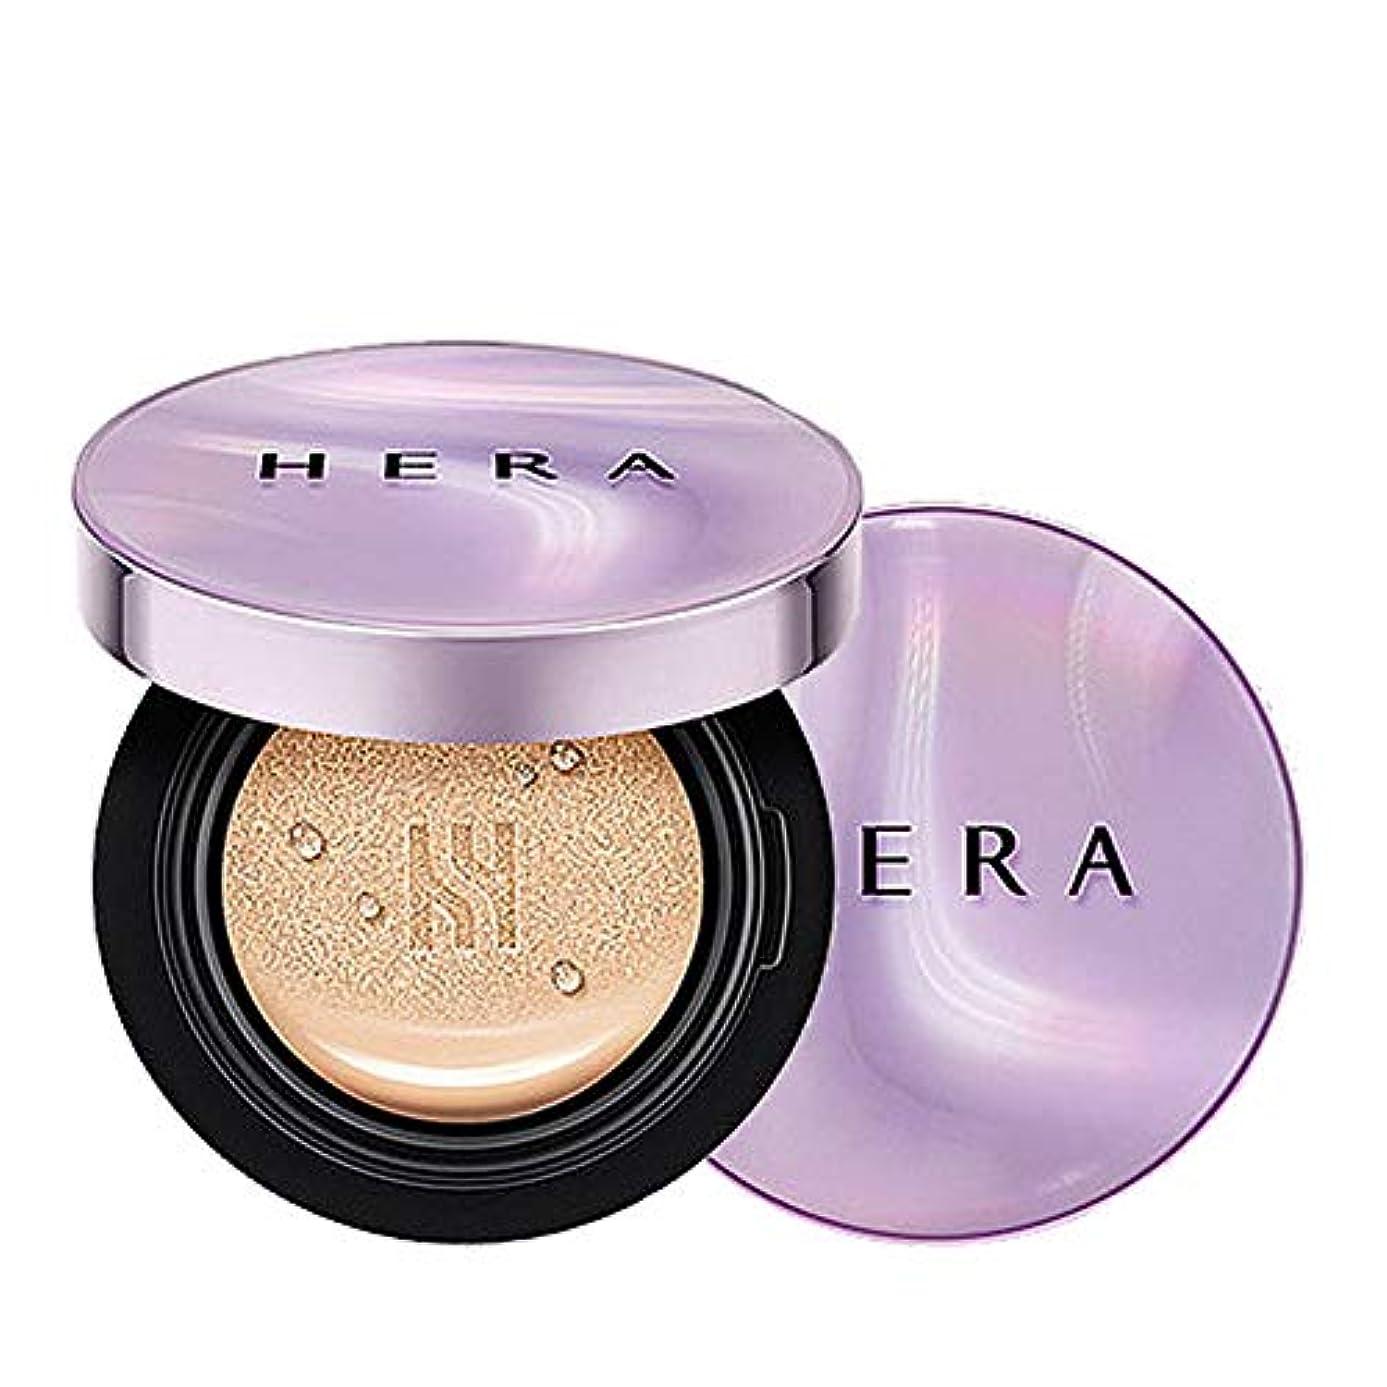 略すエスカレート降臨HERA(ヘラ) UVミストクッション(カバー)SPF50+/PA+++ [本体のみ] C23号/ベージュ